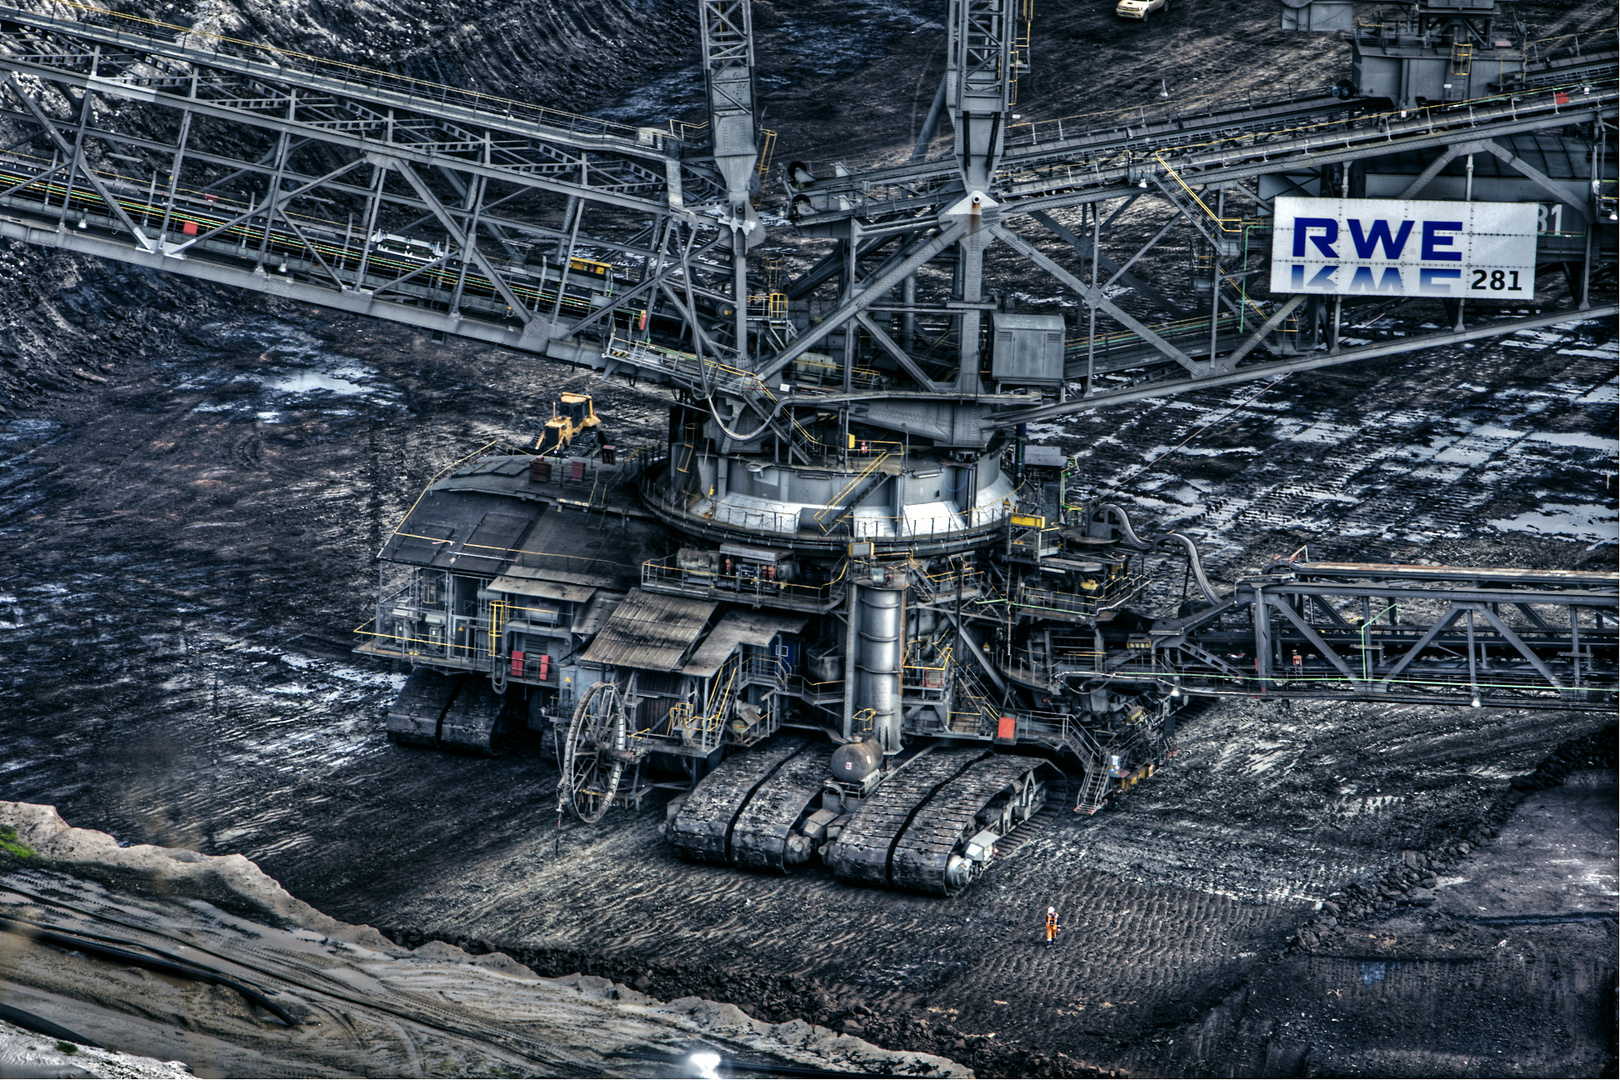 RWE 281